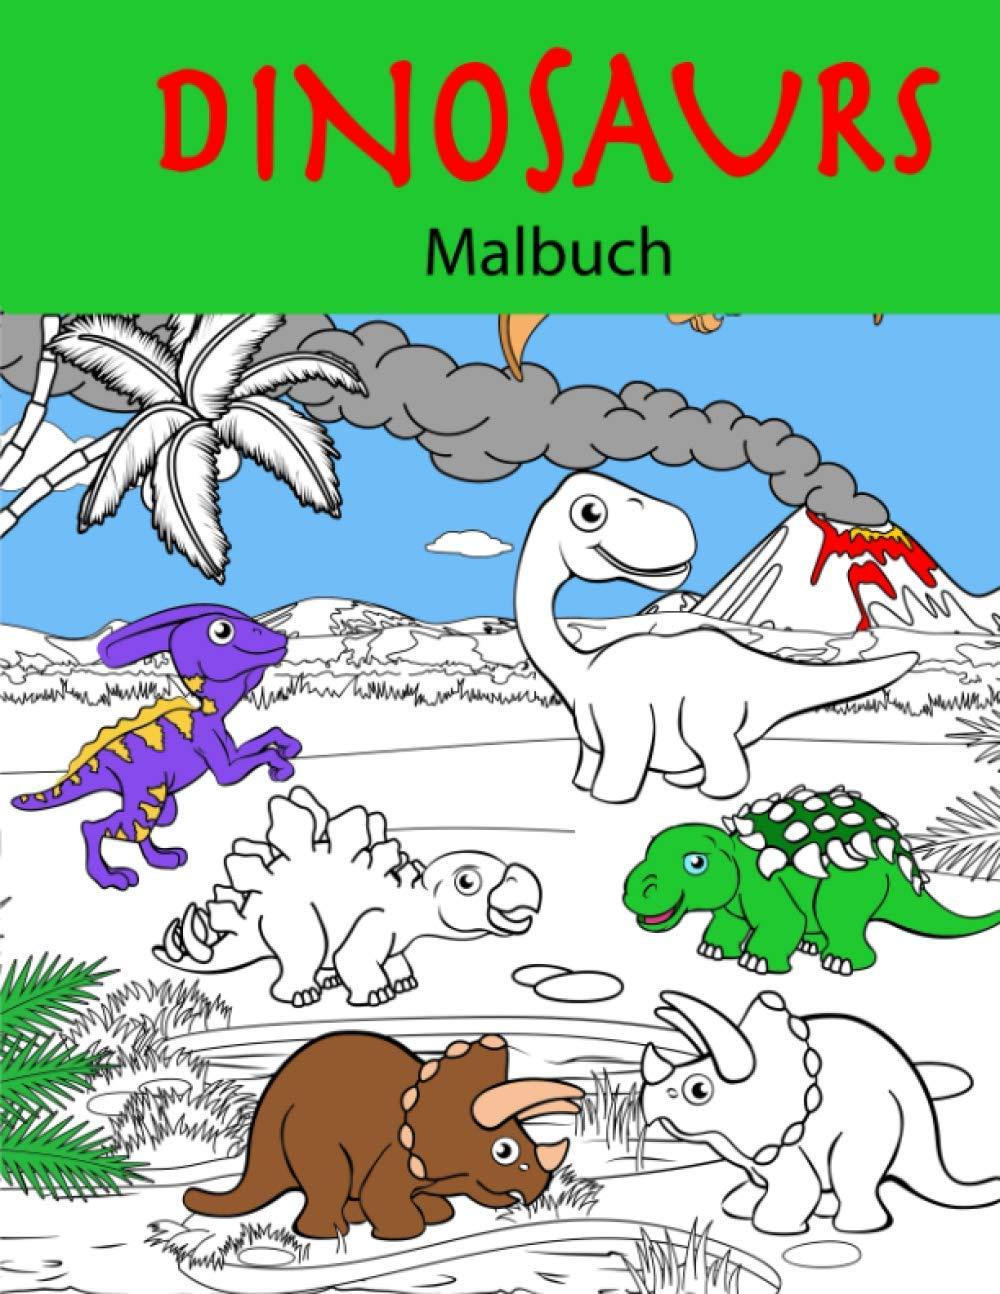 Dinosaurs Malbuch Vorgeschichtliche Farbung Malvorlagen Fur Kinder Passionsdinosaurier Dino Dinosaurier Dinosaurier German Edition Entertainement Mandala 9798686211315 Amazon Com Books